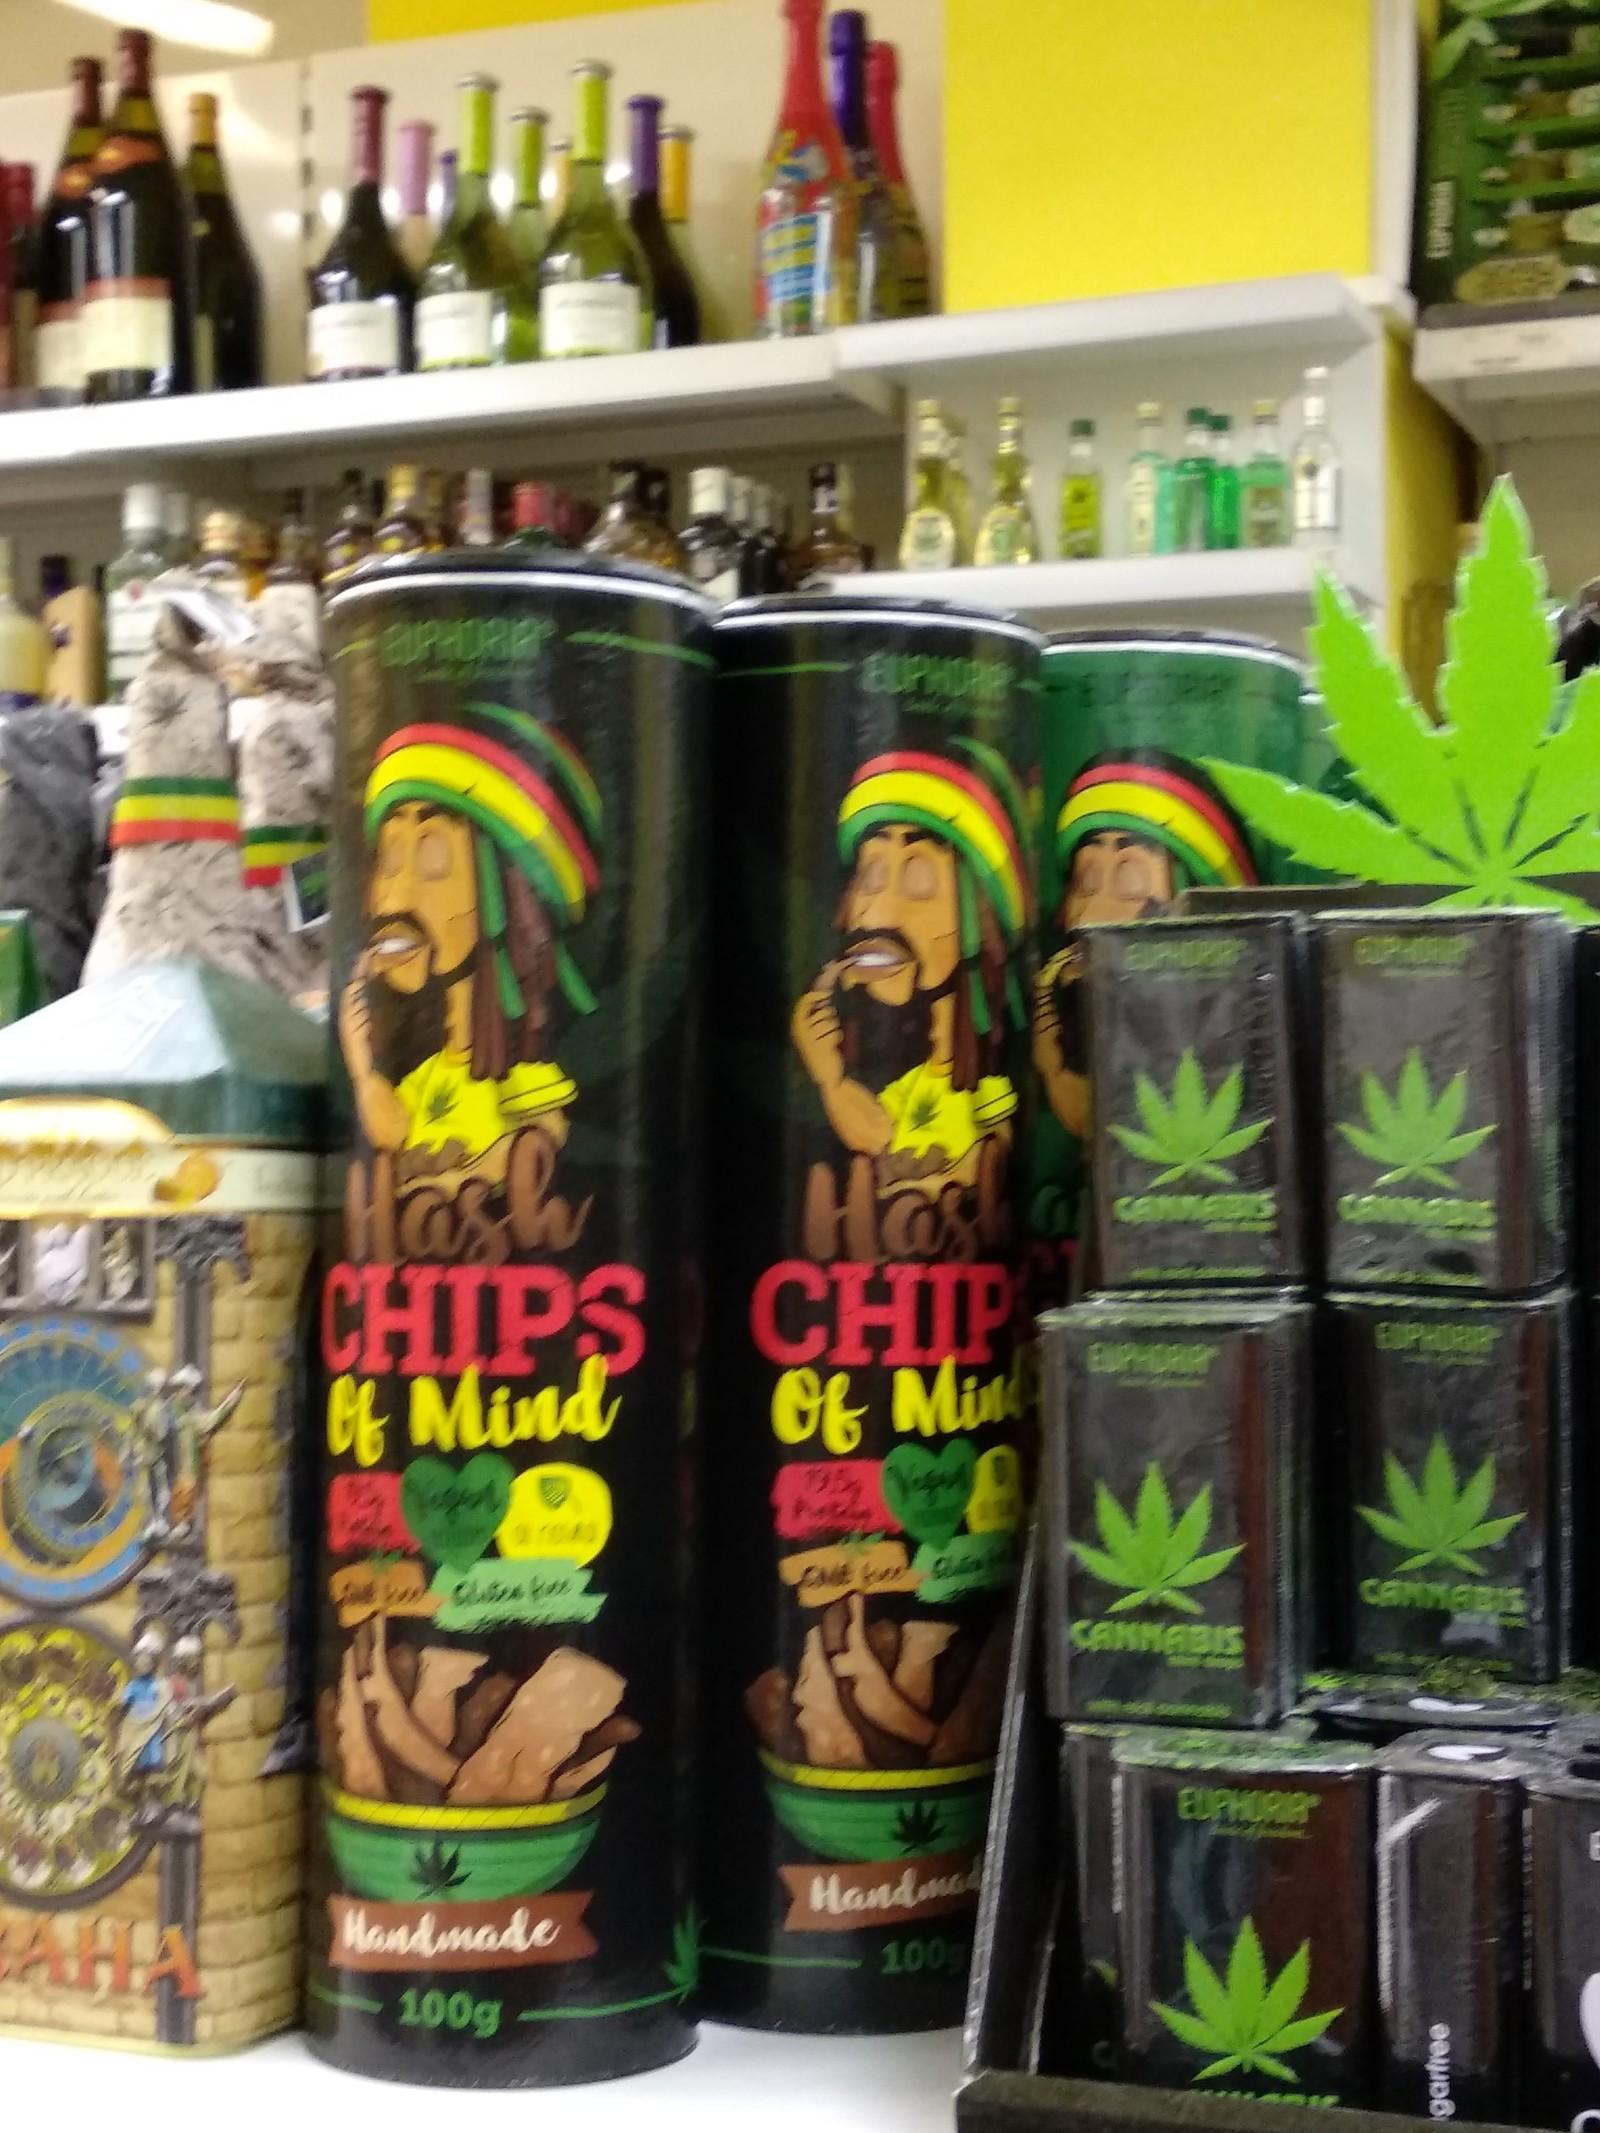 Где в праге можно купить марихуану сравнение вреда марихуаны и табака